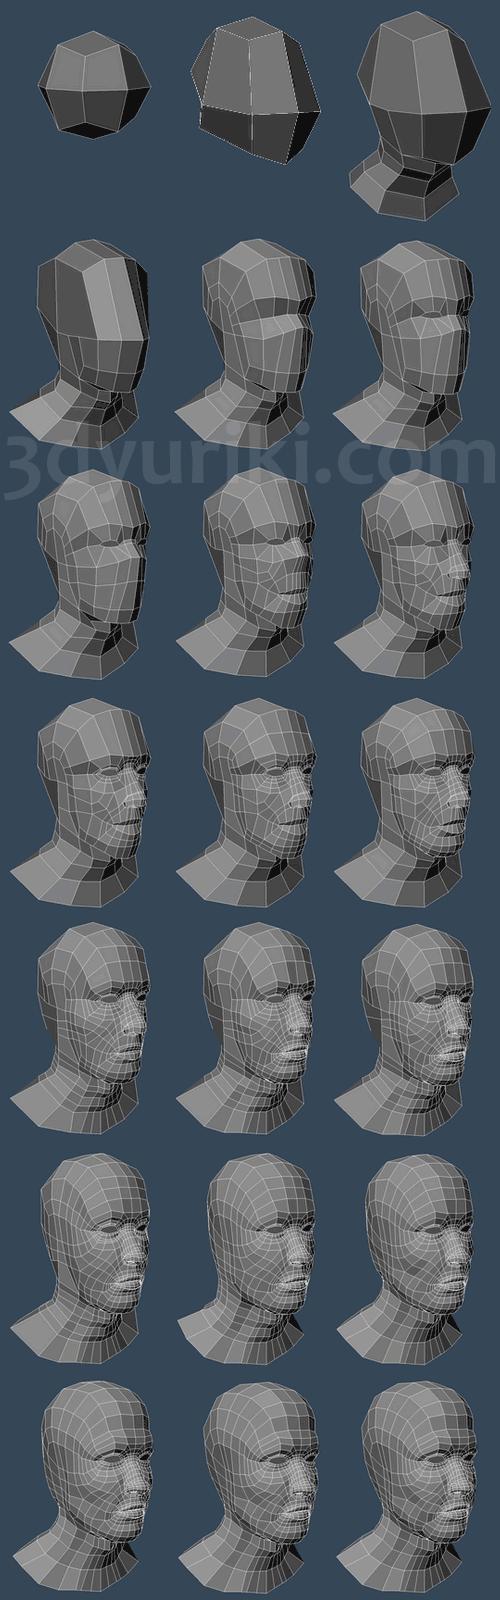 Пошаговый процесс 3D-моделирования человеческой головы